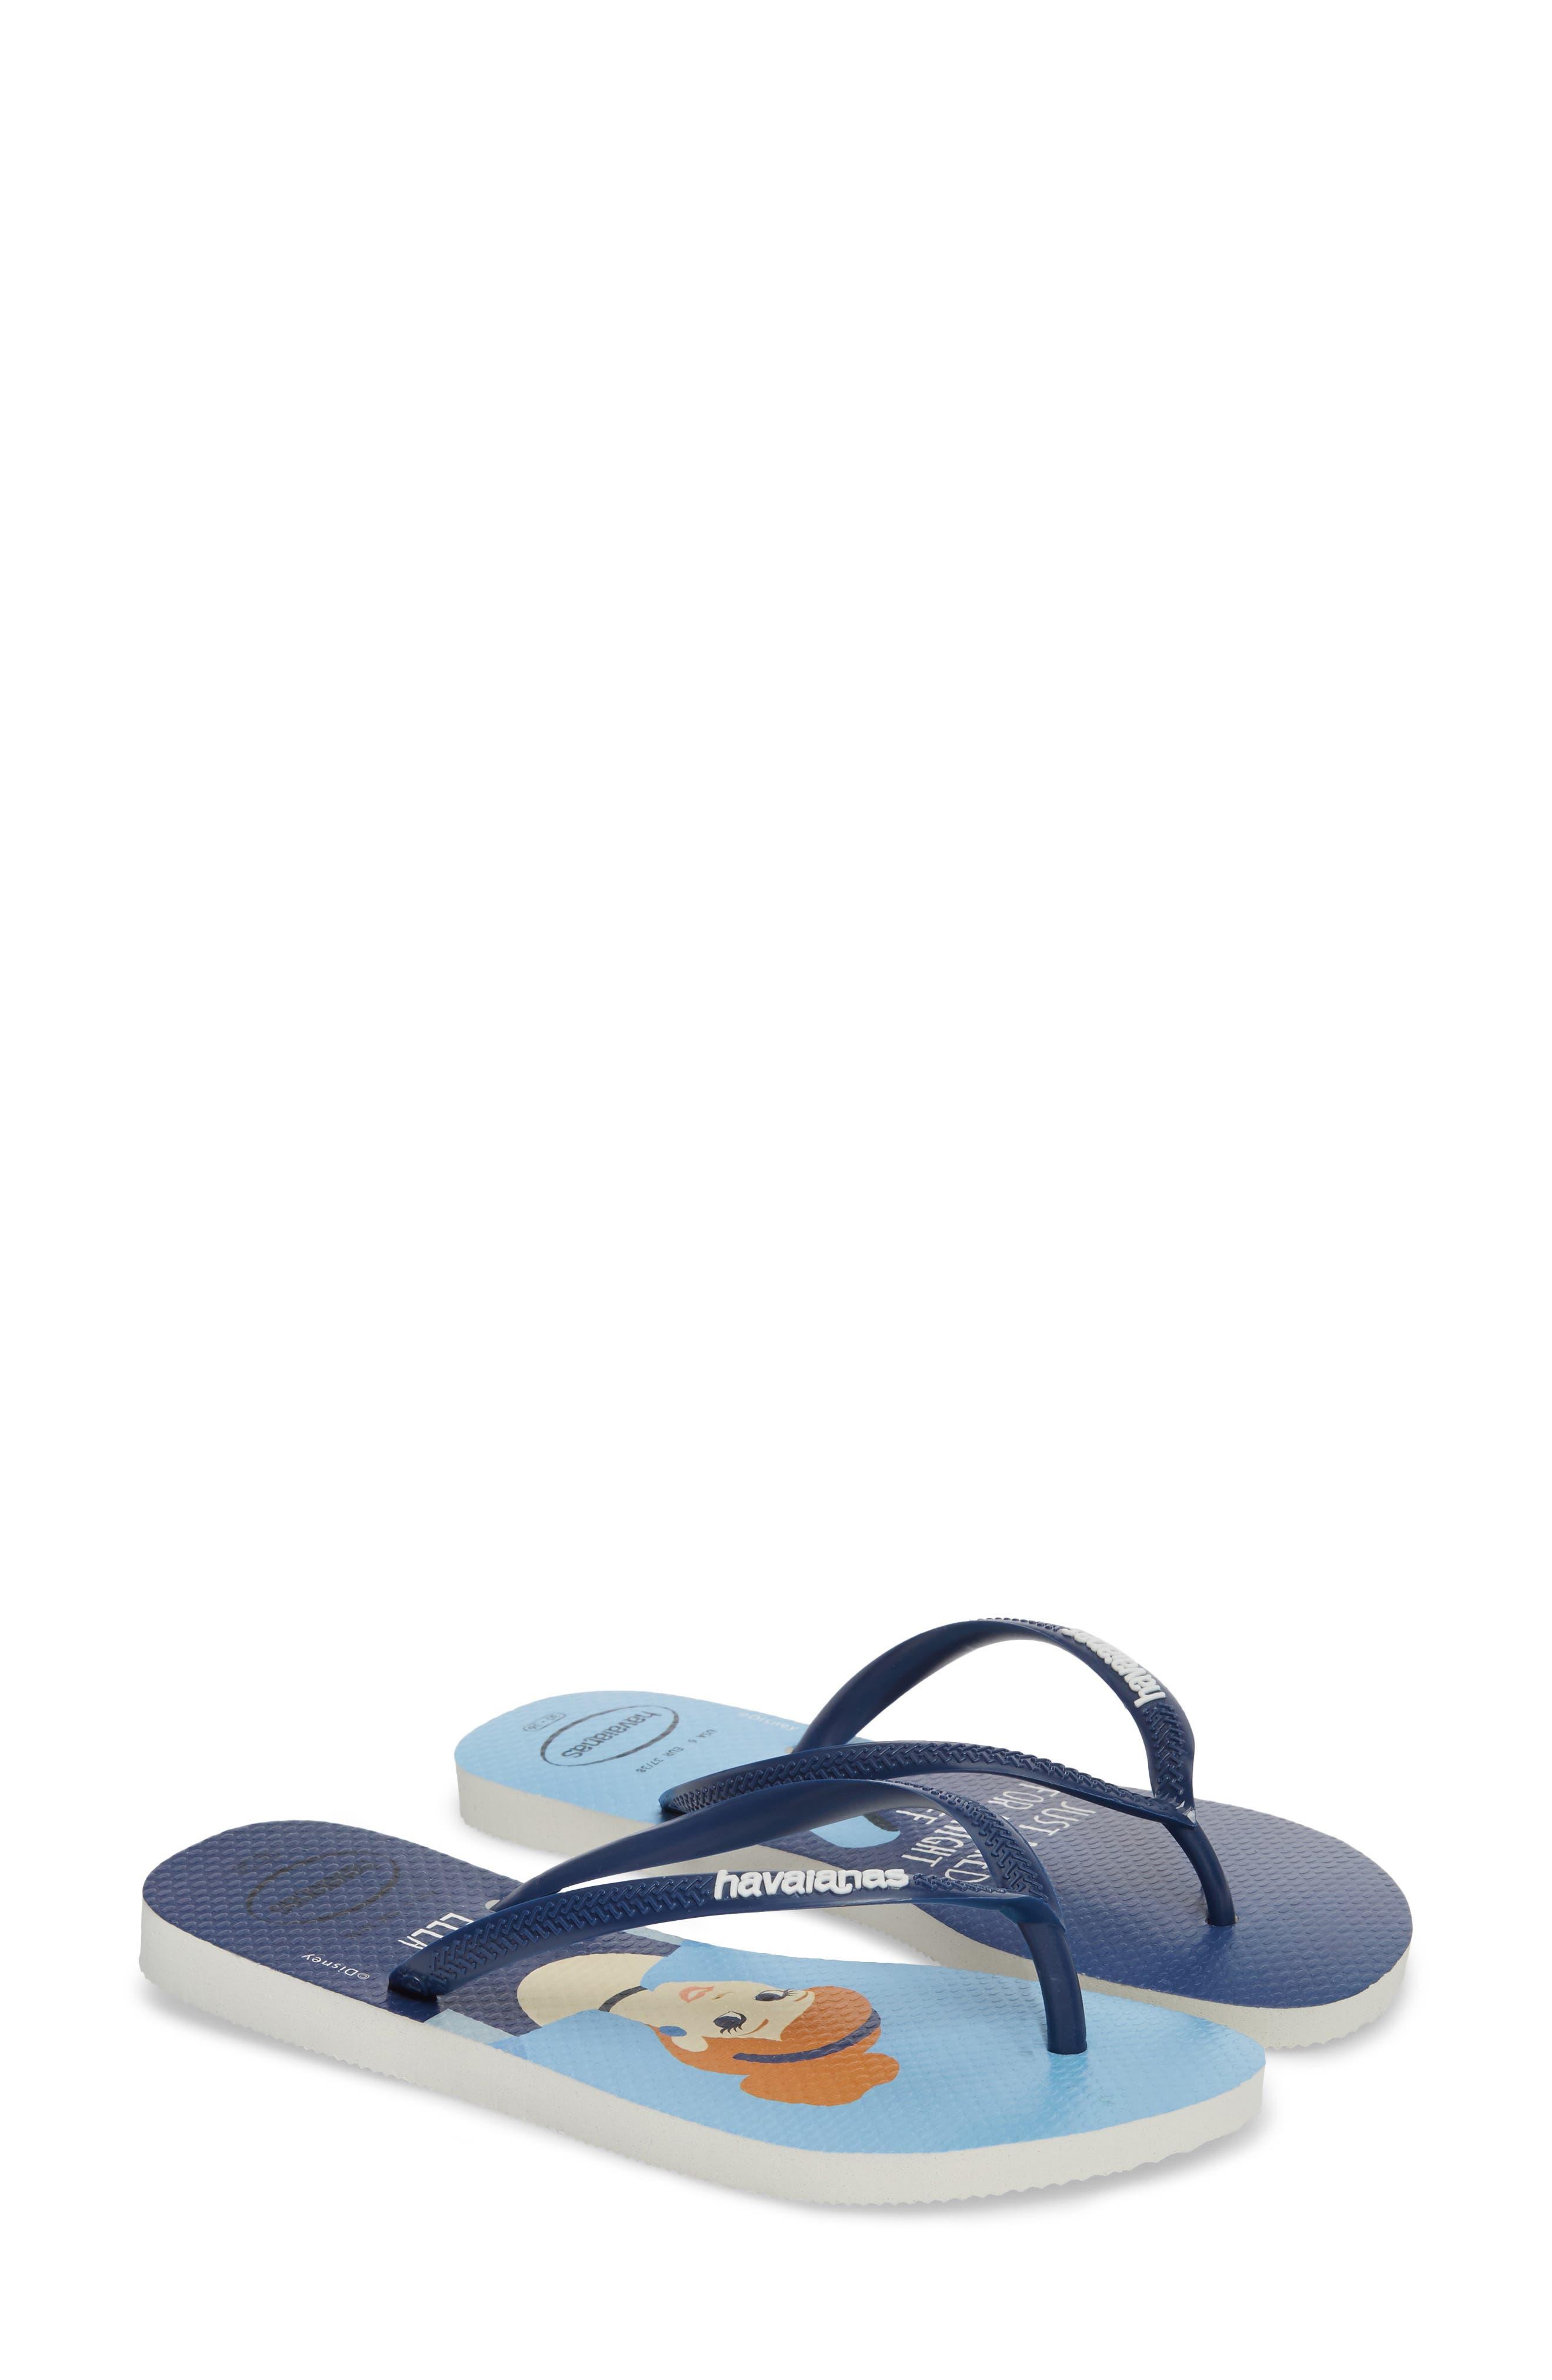 Havaiana Slim - Disney Princess Flip Flop,                         Main,                         color, 401